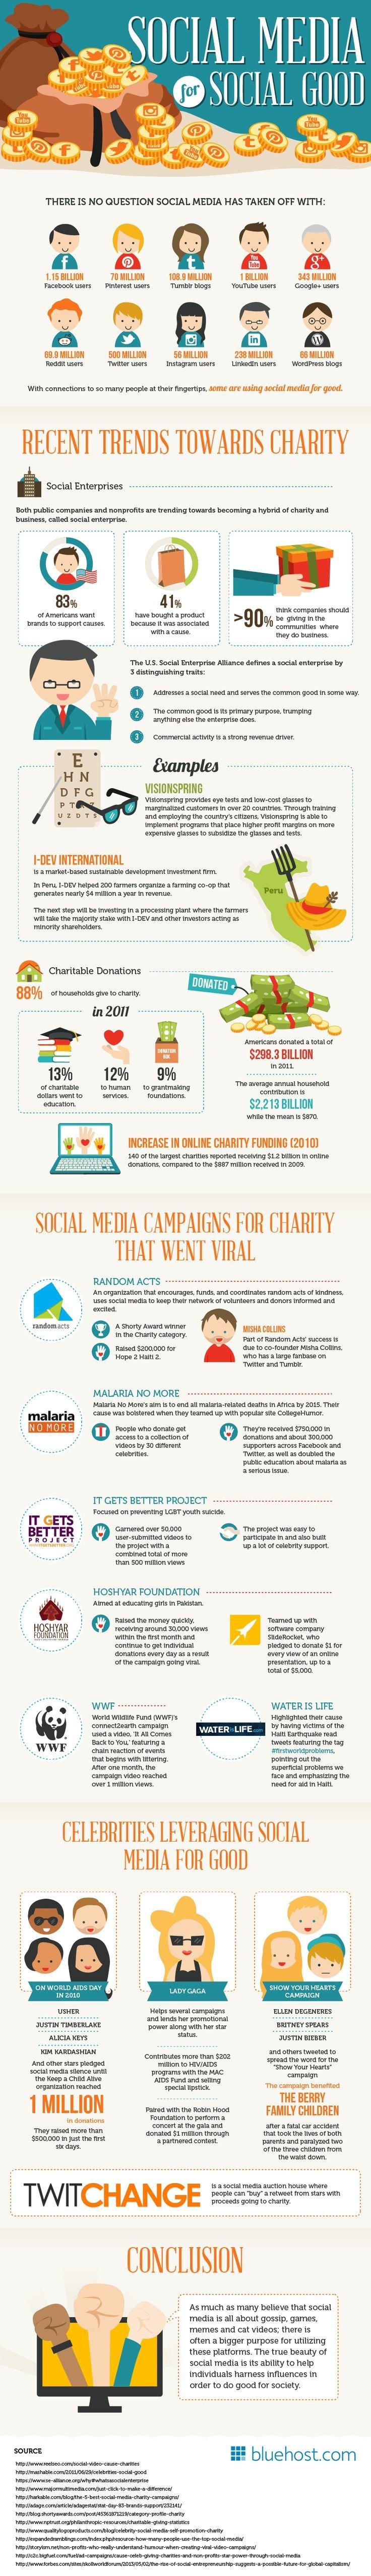 Social Media for Social Good #infographic